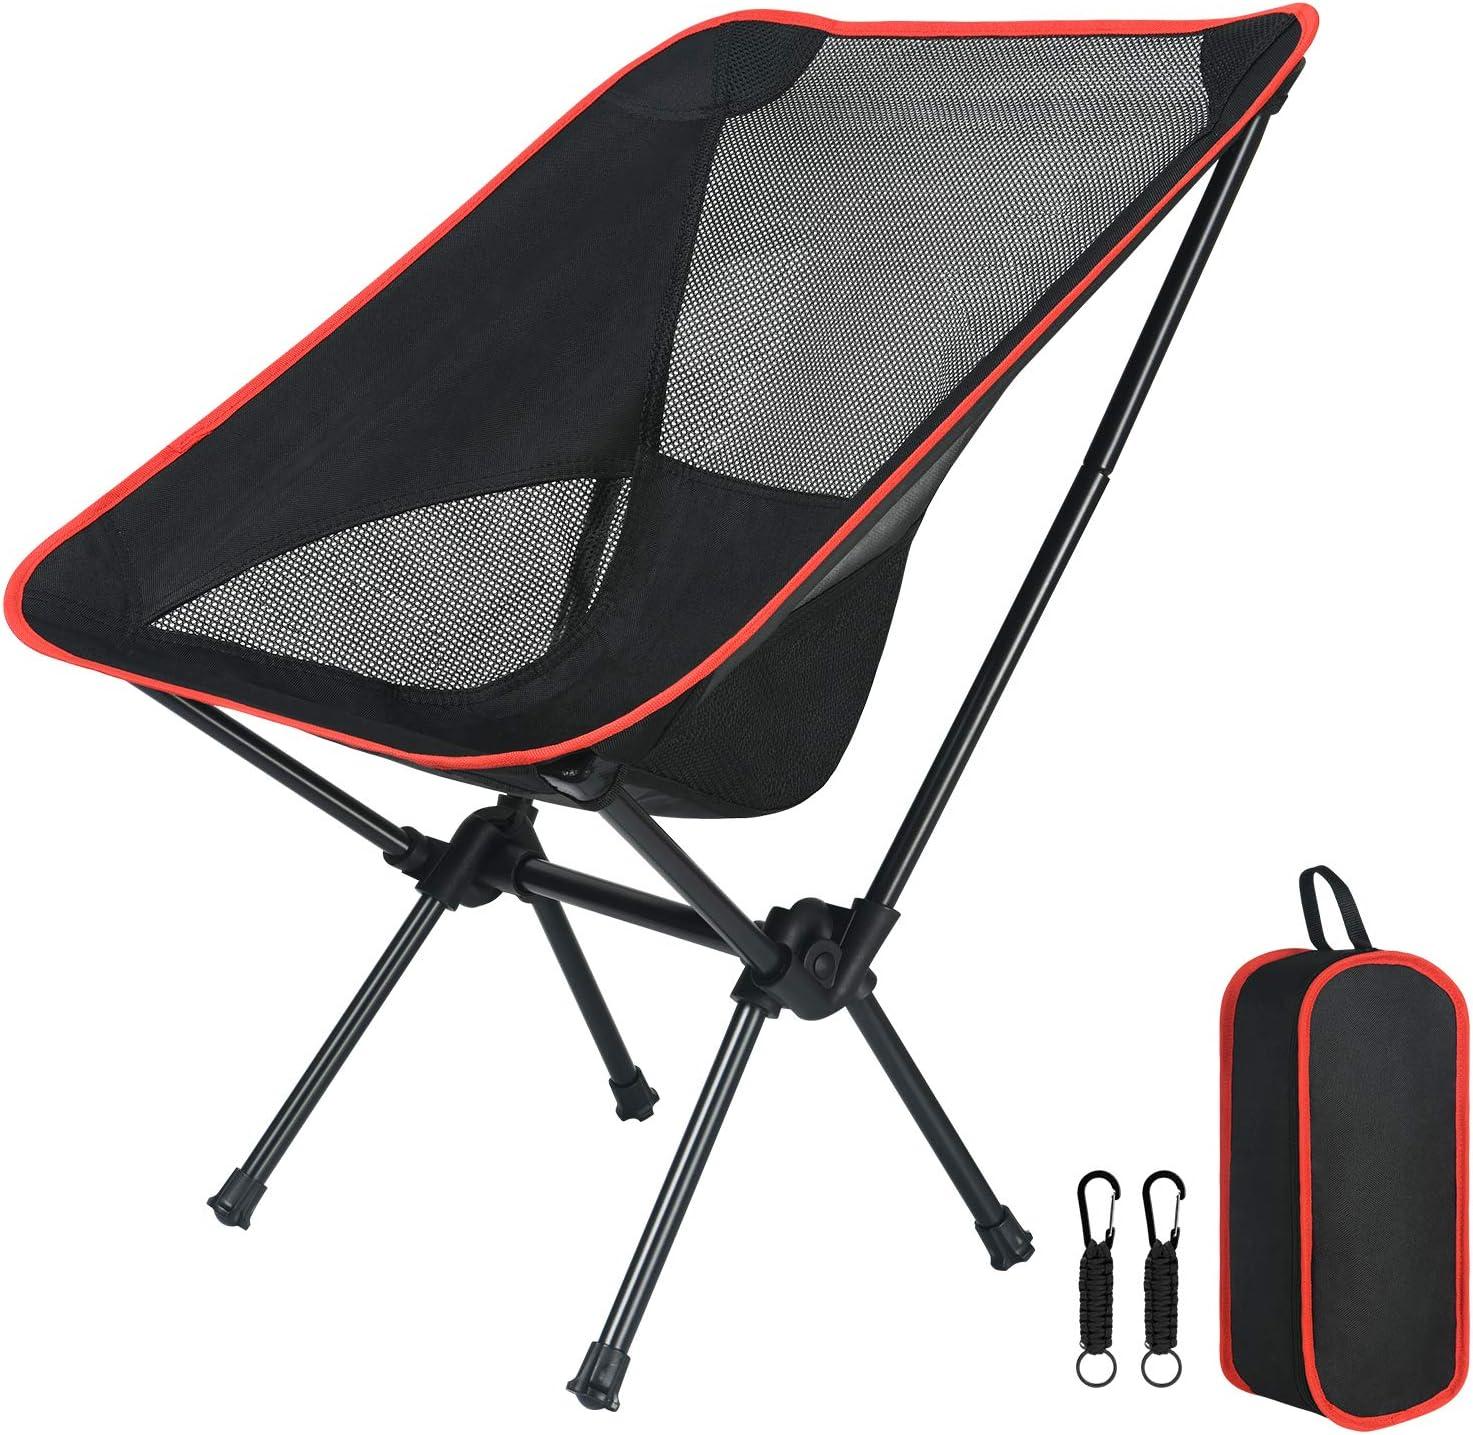 Flintronic Silla de Camping Port/átil Pesca Playa Ideal para Excursi/ón Picnic Senderismo Jard/ín Silla de Mochila de Camping de 100Kg//220Lb Silla Plegable Ultraligera compacta